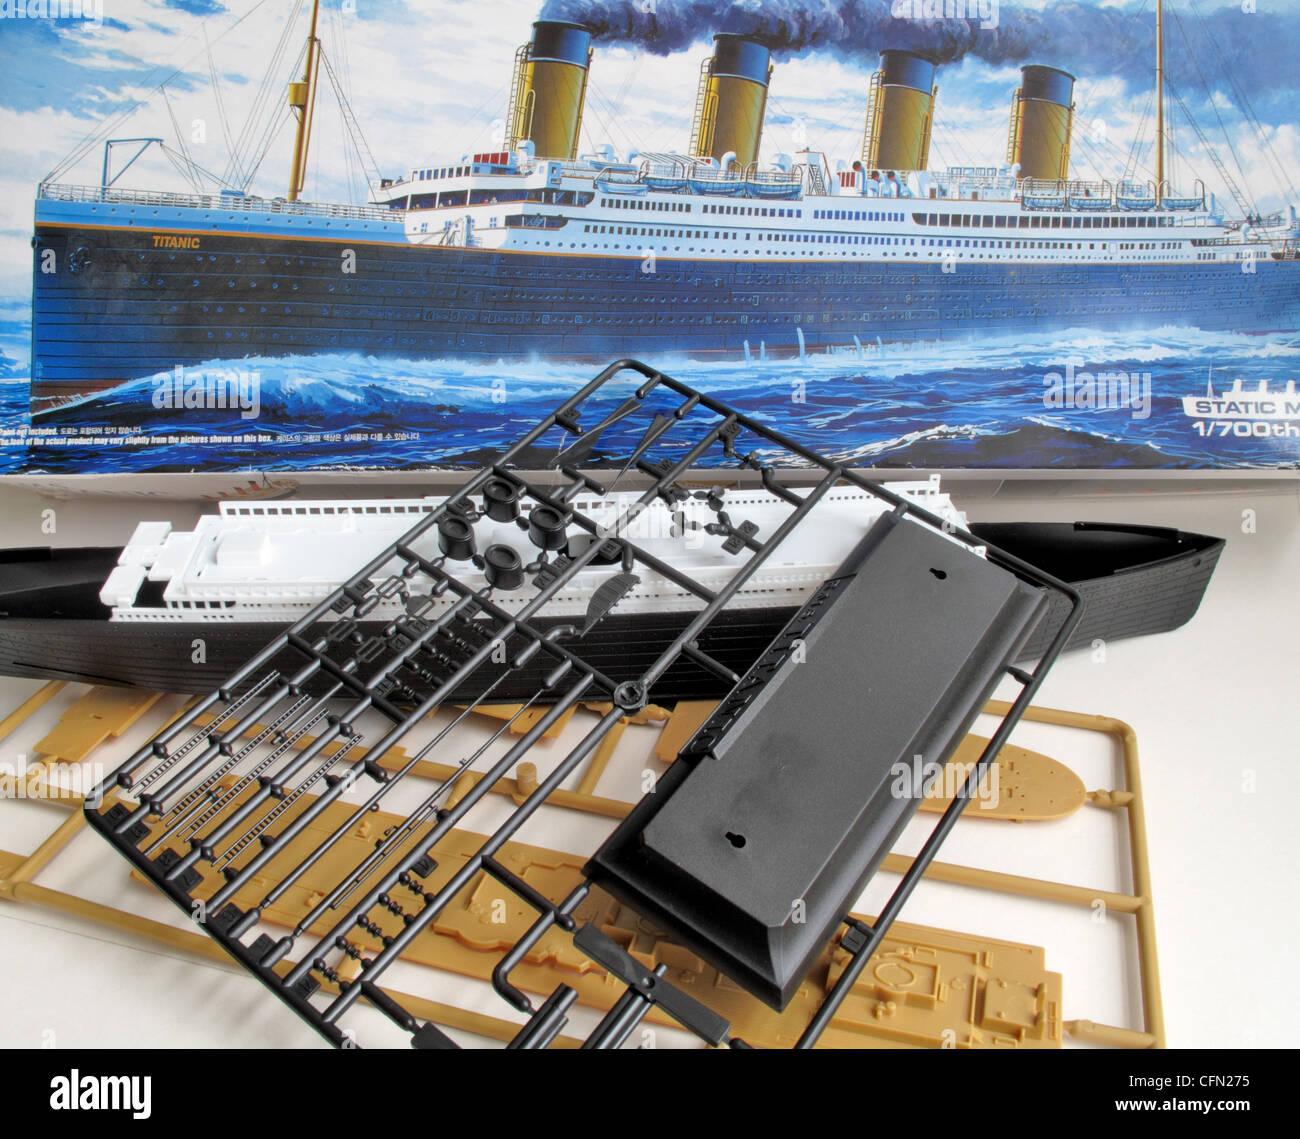 hight resolution of ein kit modell und die unmontiert teile der titanic schiff stockbild